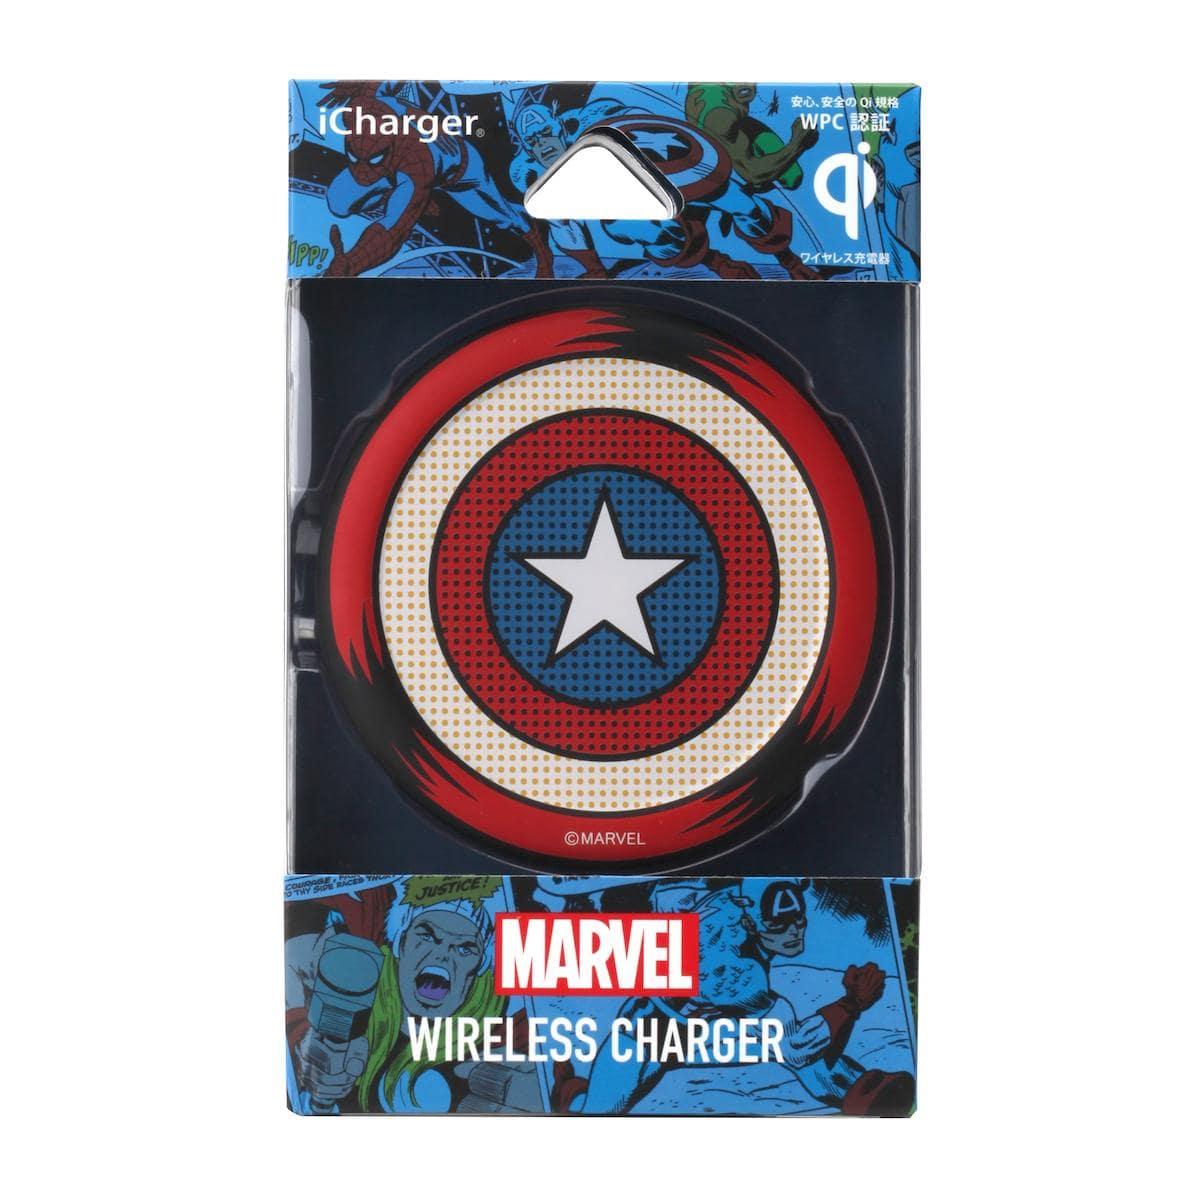 キャプテンアメリカのワイヤレス充電器